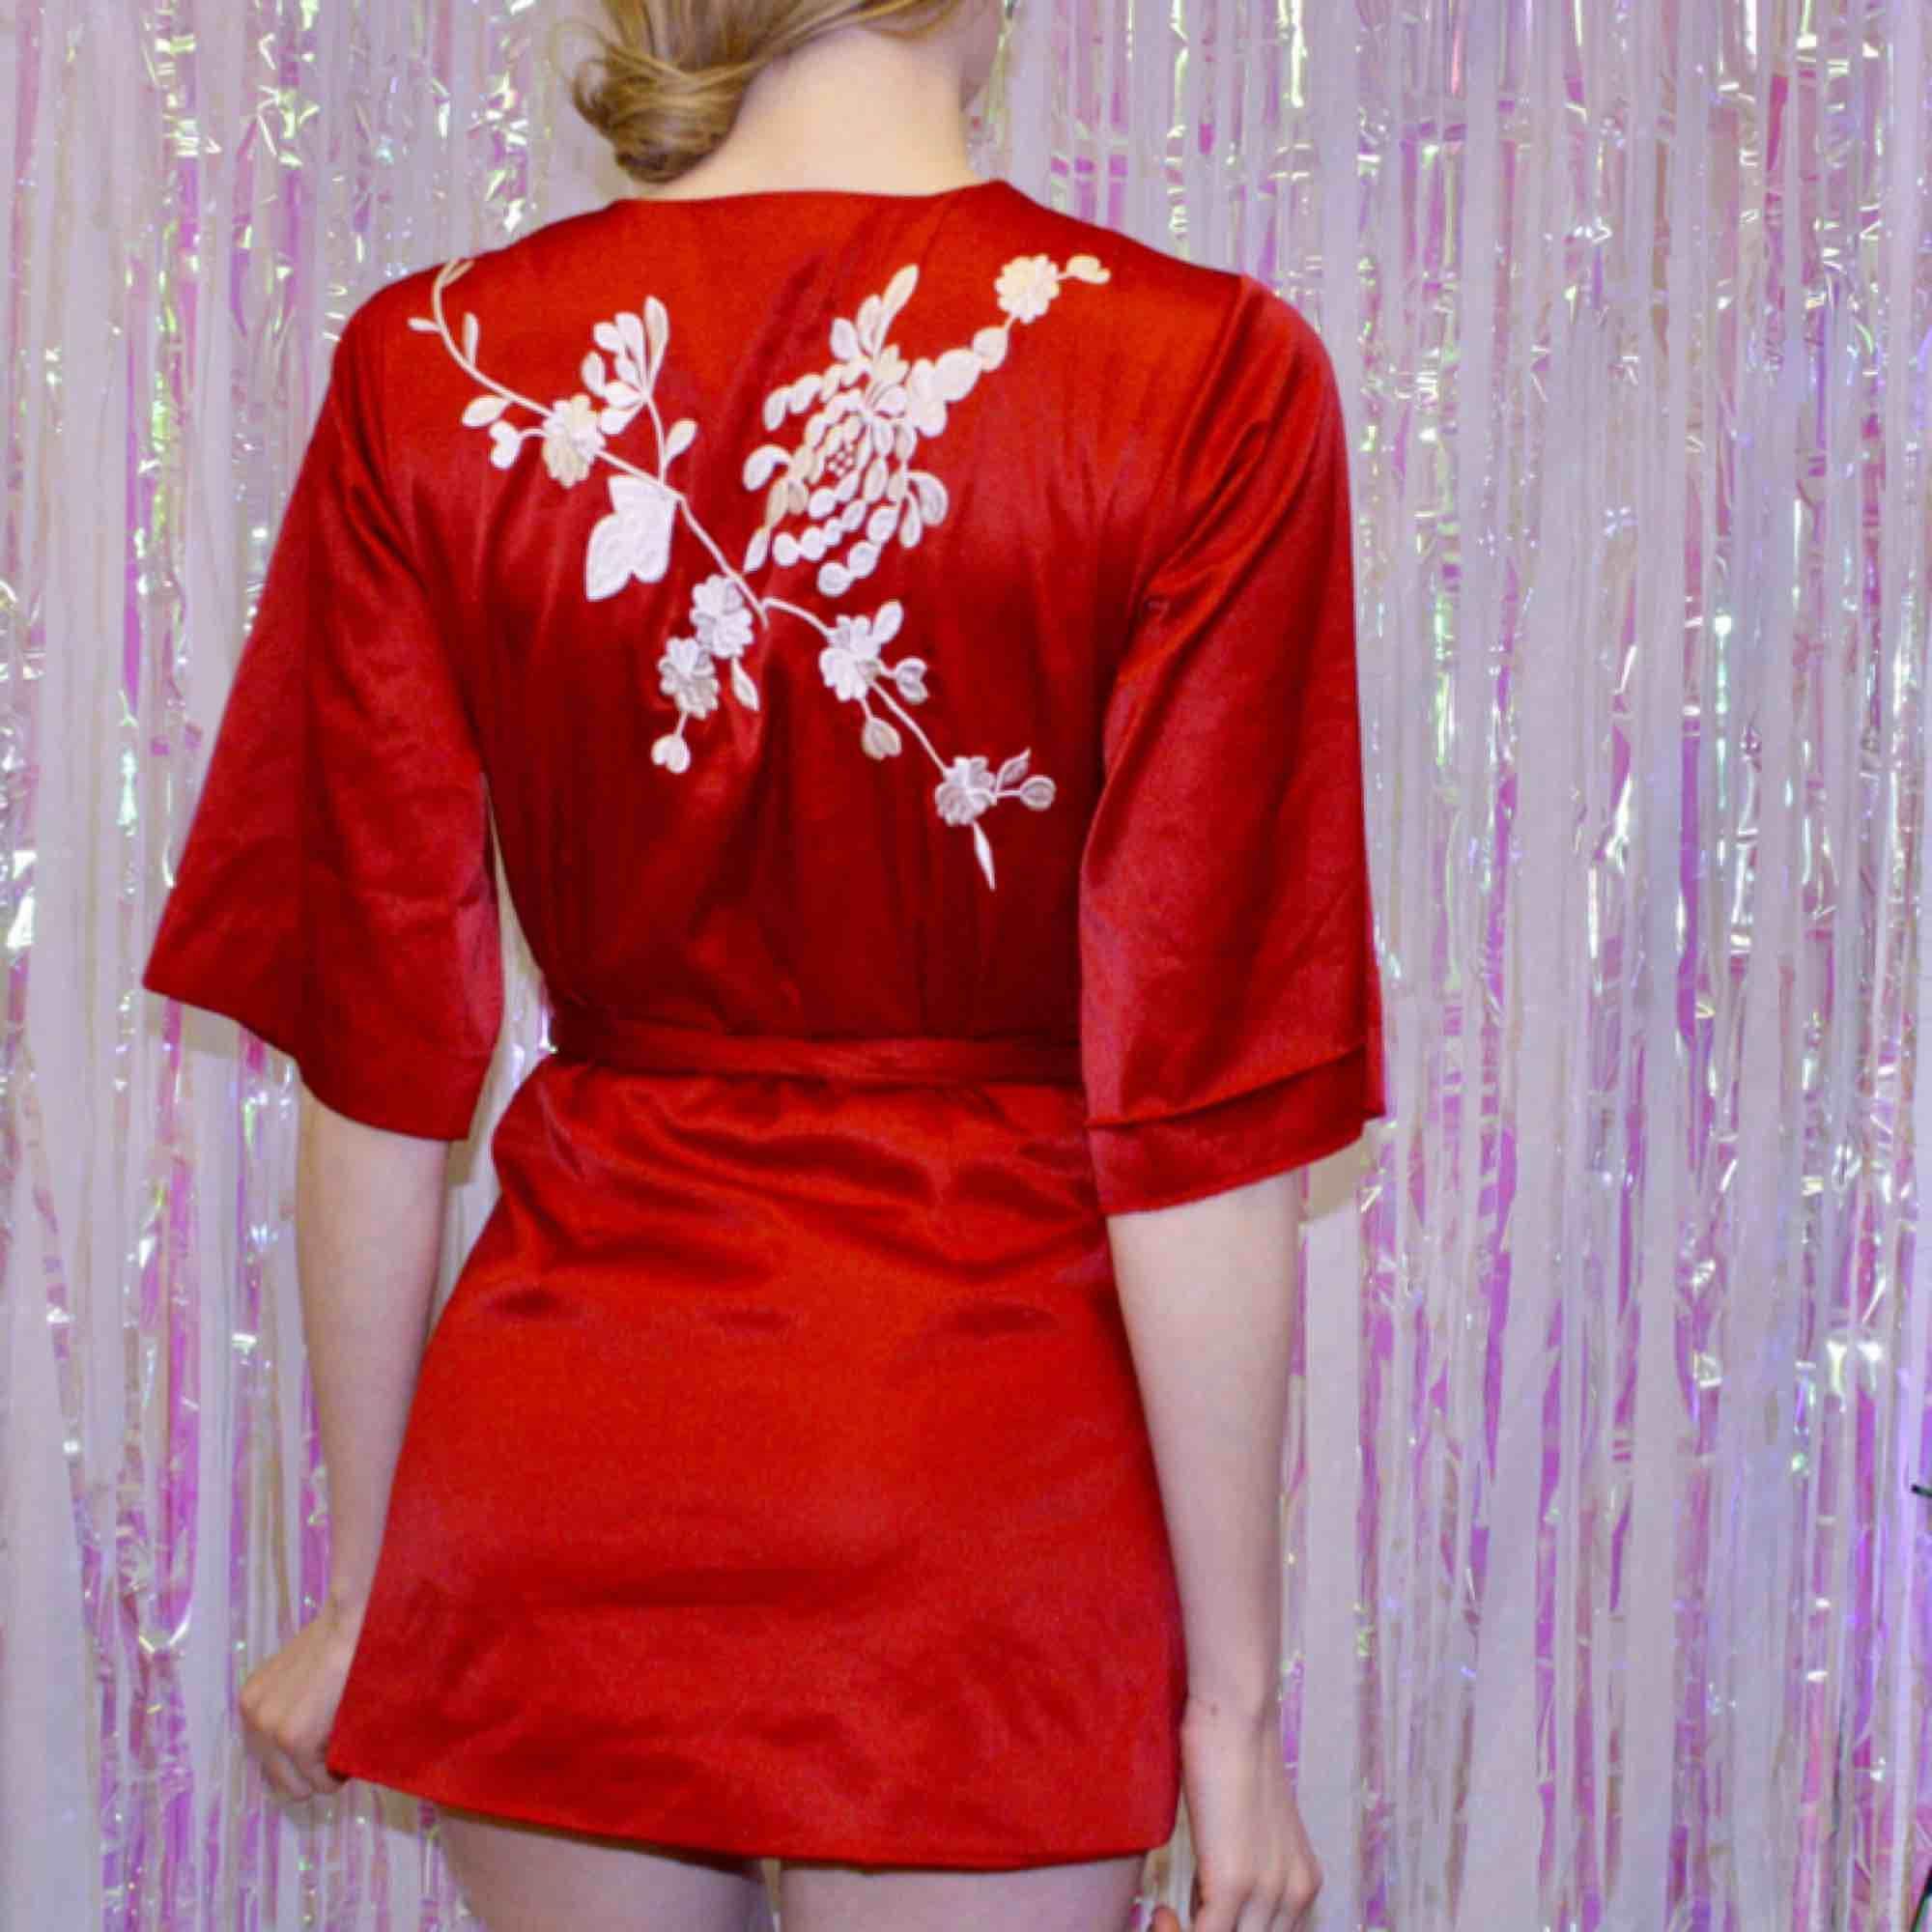 🍒SILKY SMOOTH🍒 Röd topp insilkesliknande material med broderi. Toppen är en omlott topp i str:S. Jag har burit den som klänning men den är väldigt kort. Så fin att styla med sneakers och klackar. Frakt tillkommer. Puss o K🍒. Klänningar.